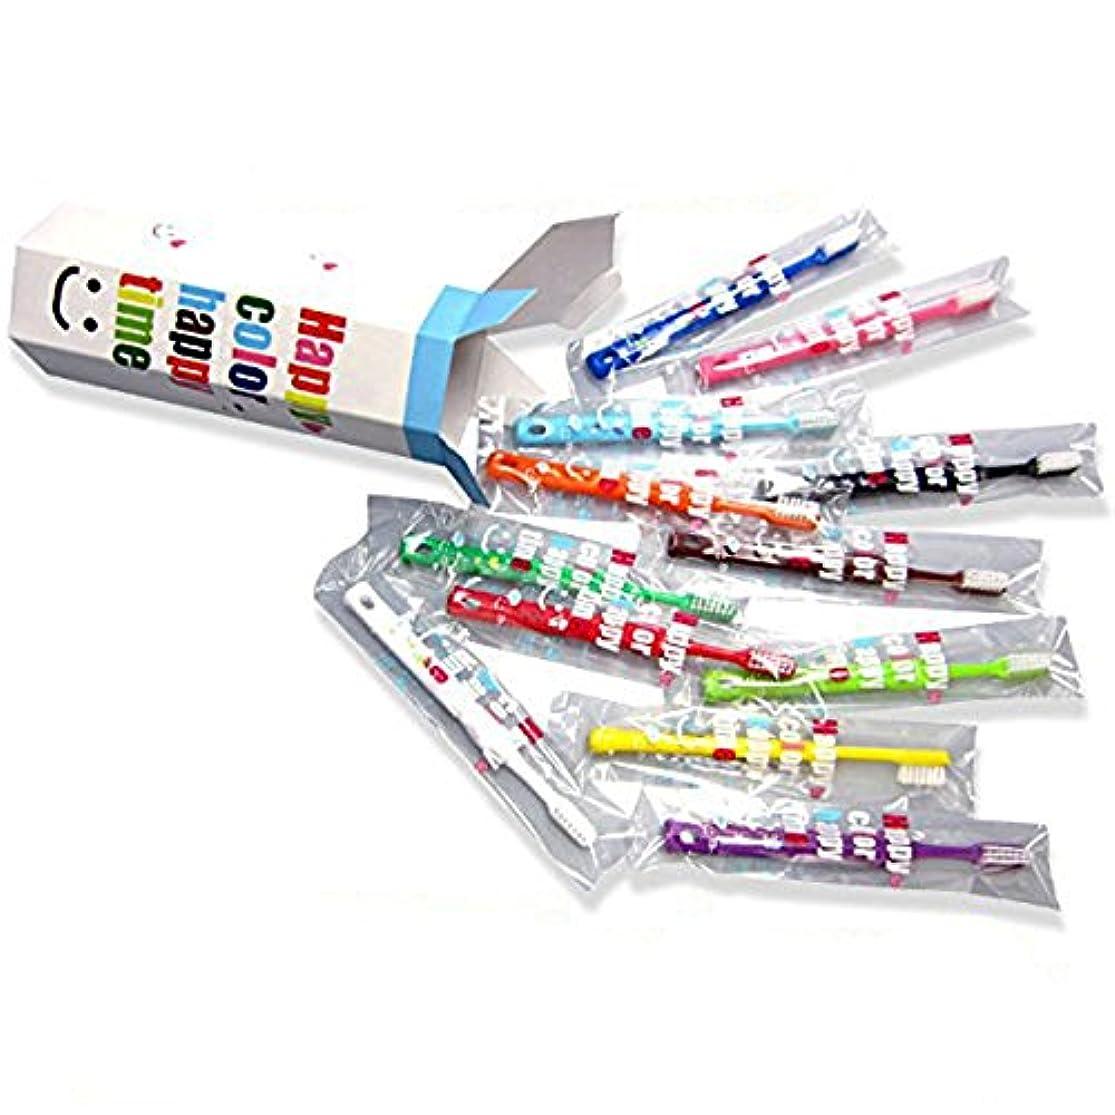 汗葡萄コンテストラピス 子供 歯ブラシ ラピス LA-110 乳幼児 ハッピーカラー12色 セット 単品106